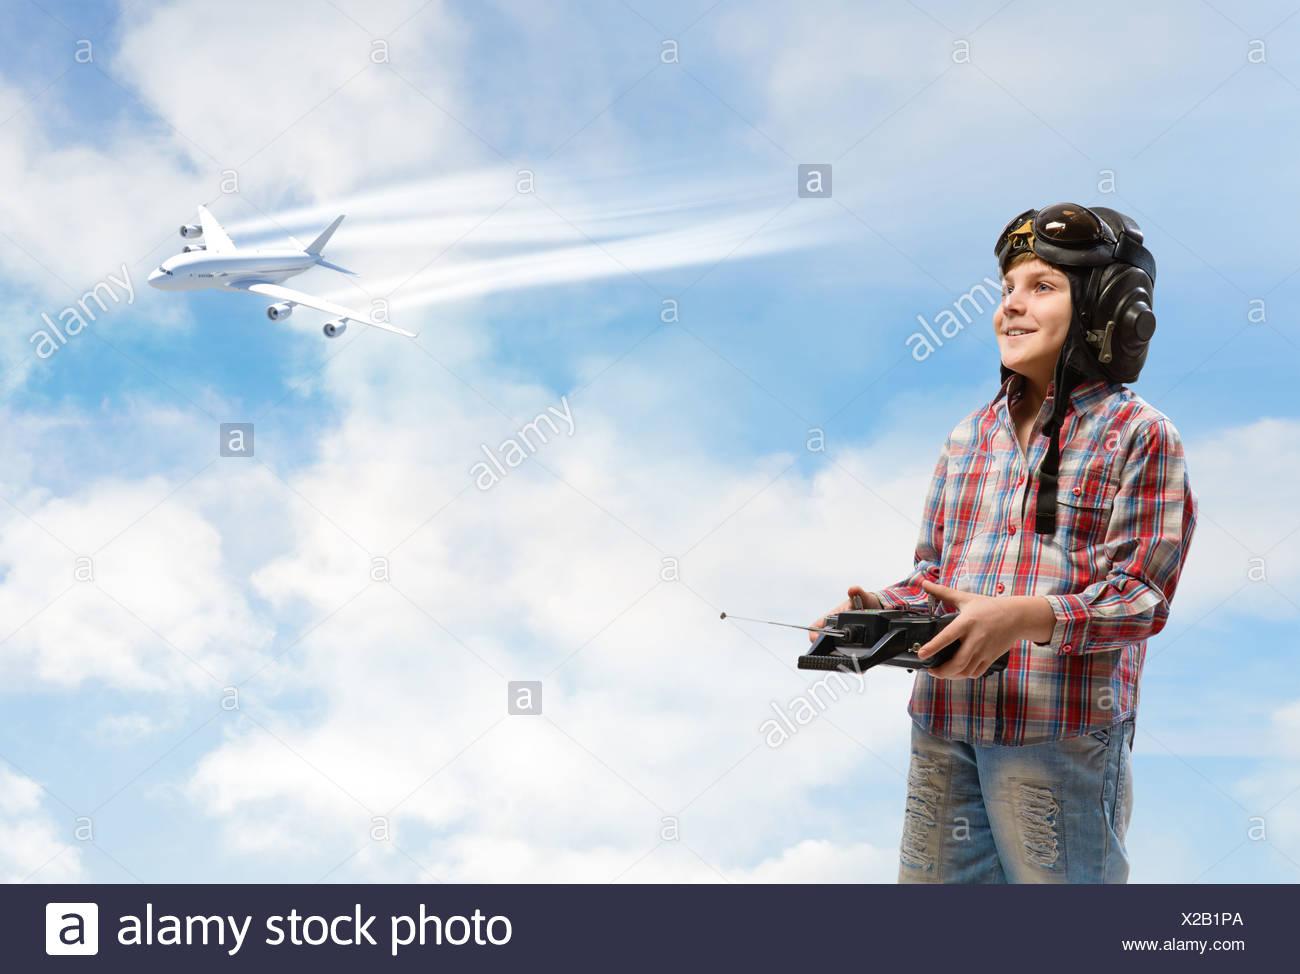 Garçon rêve de devenir un pilote Banque D'Images